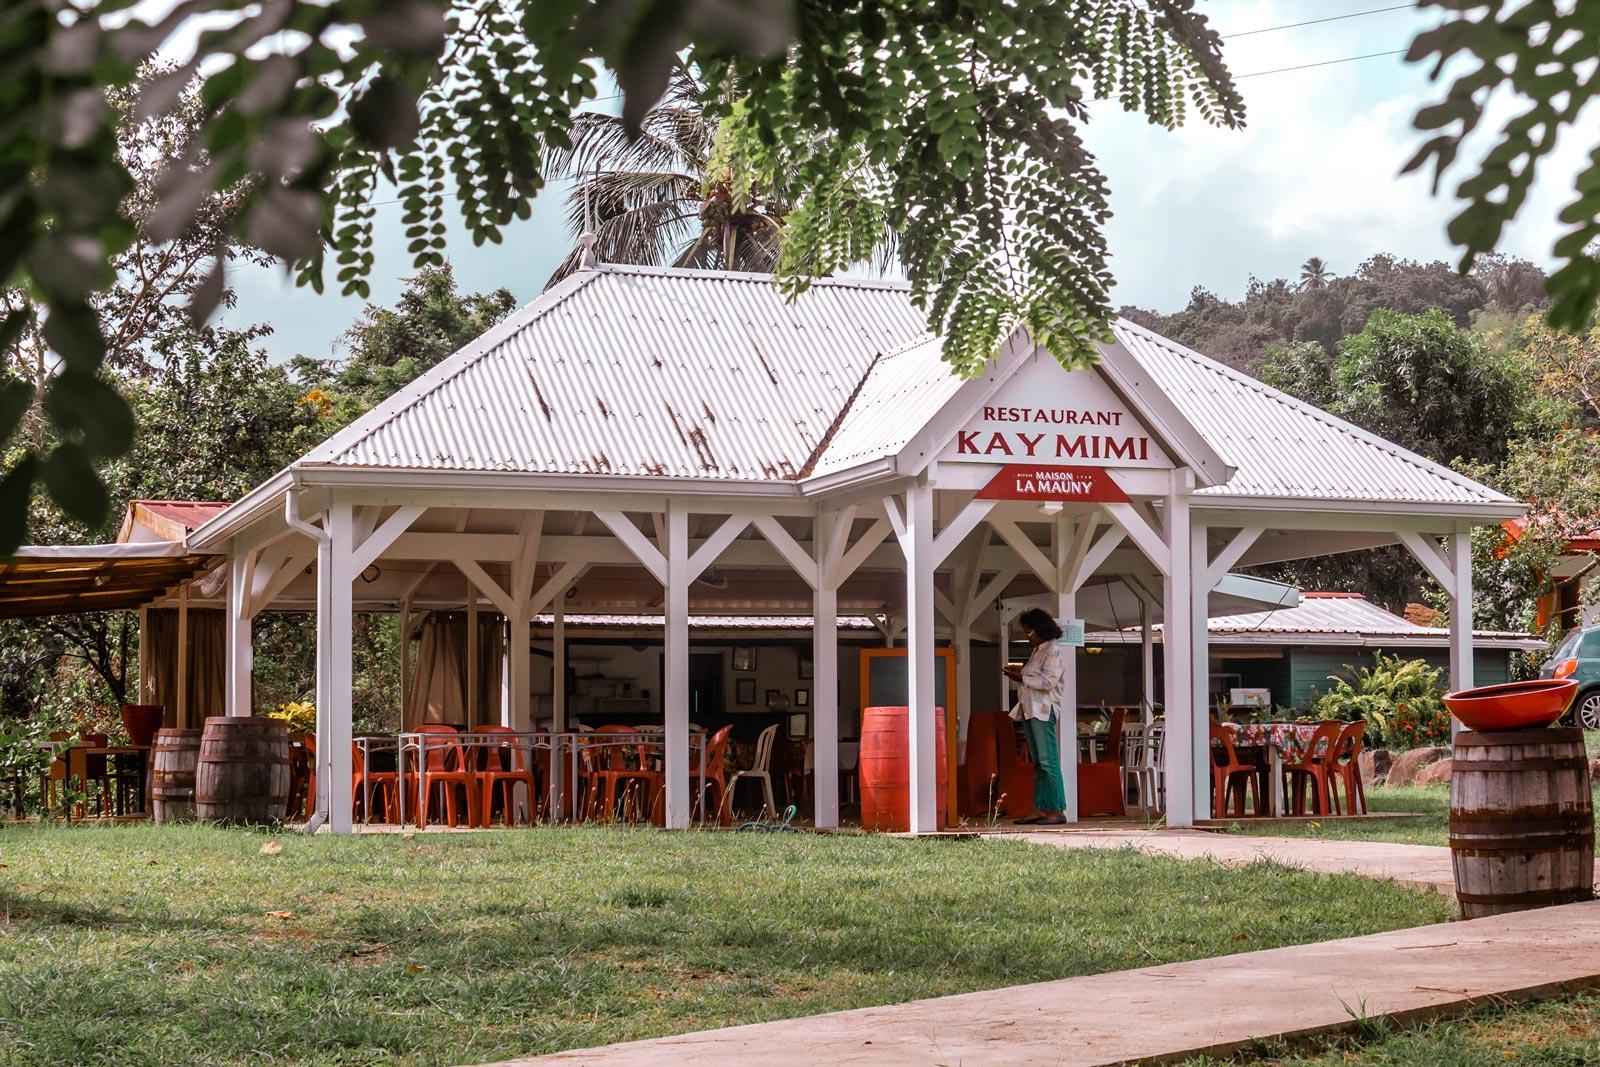 Restaurant Kay Mimi